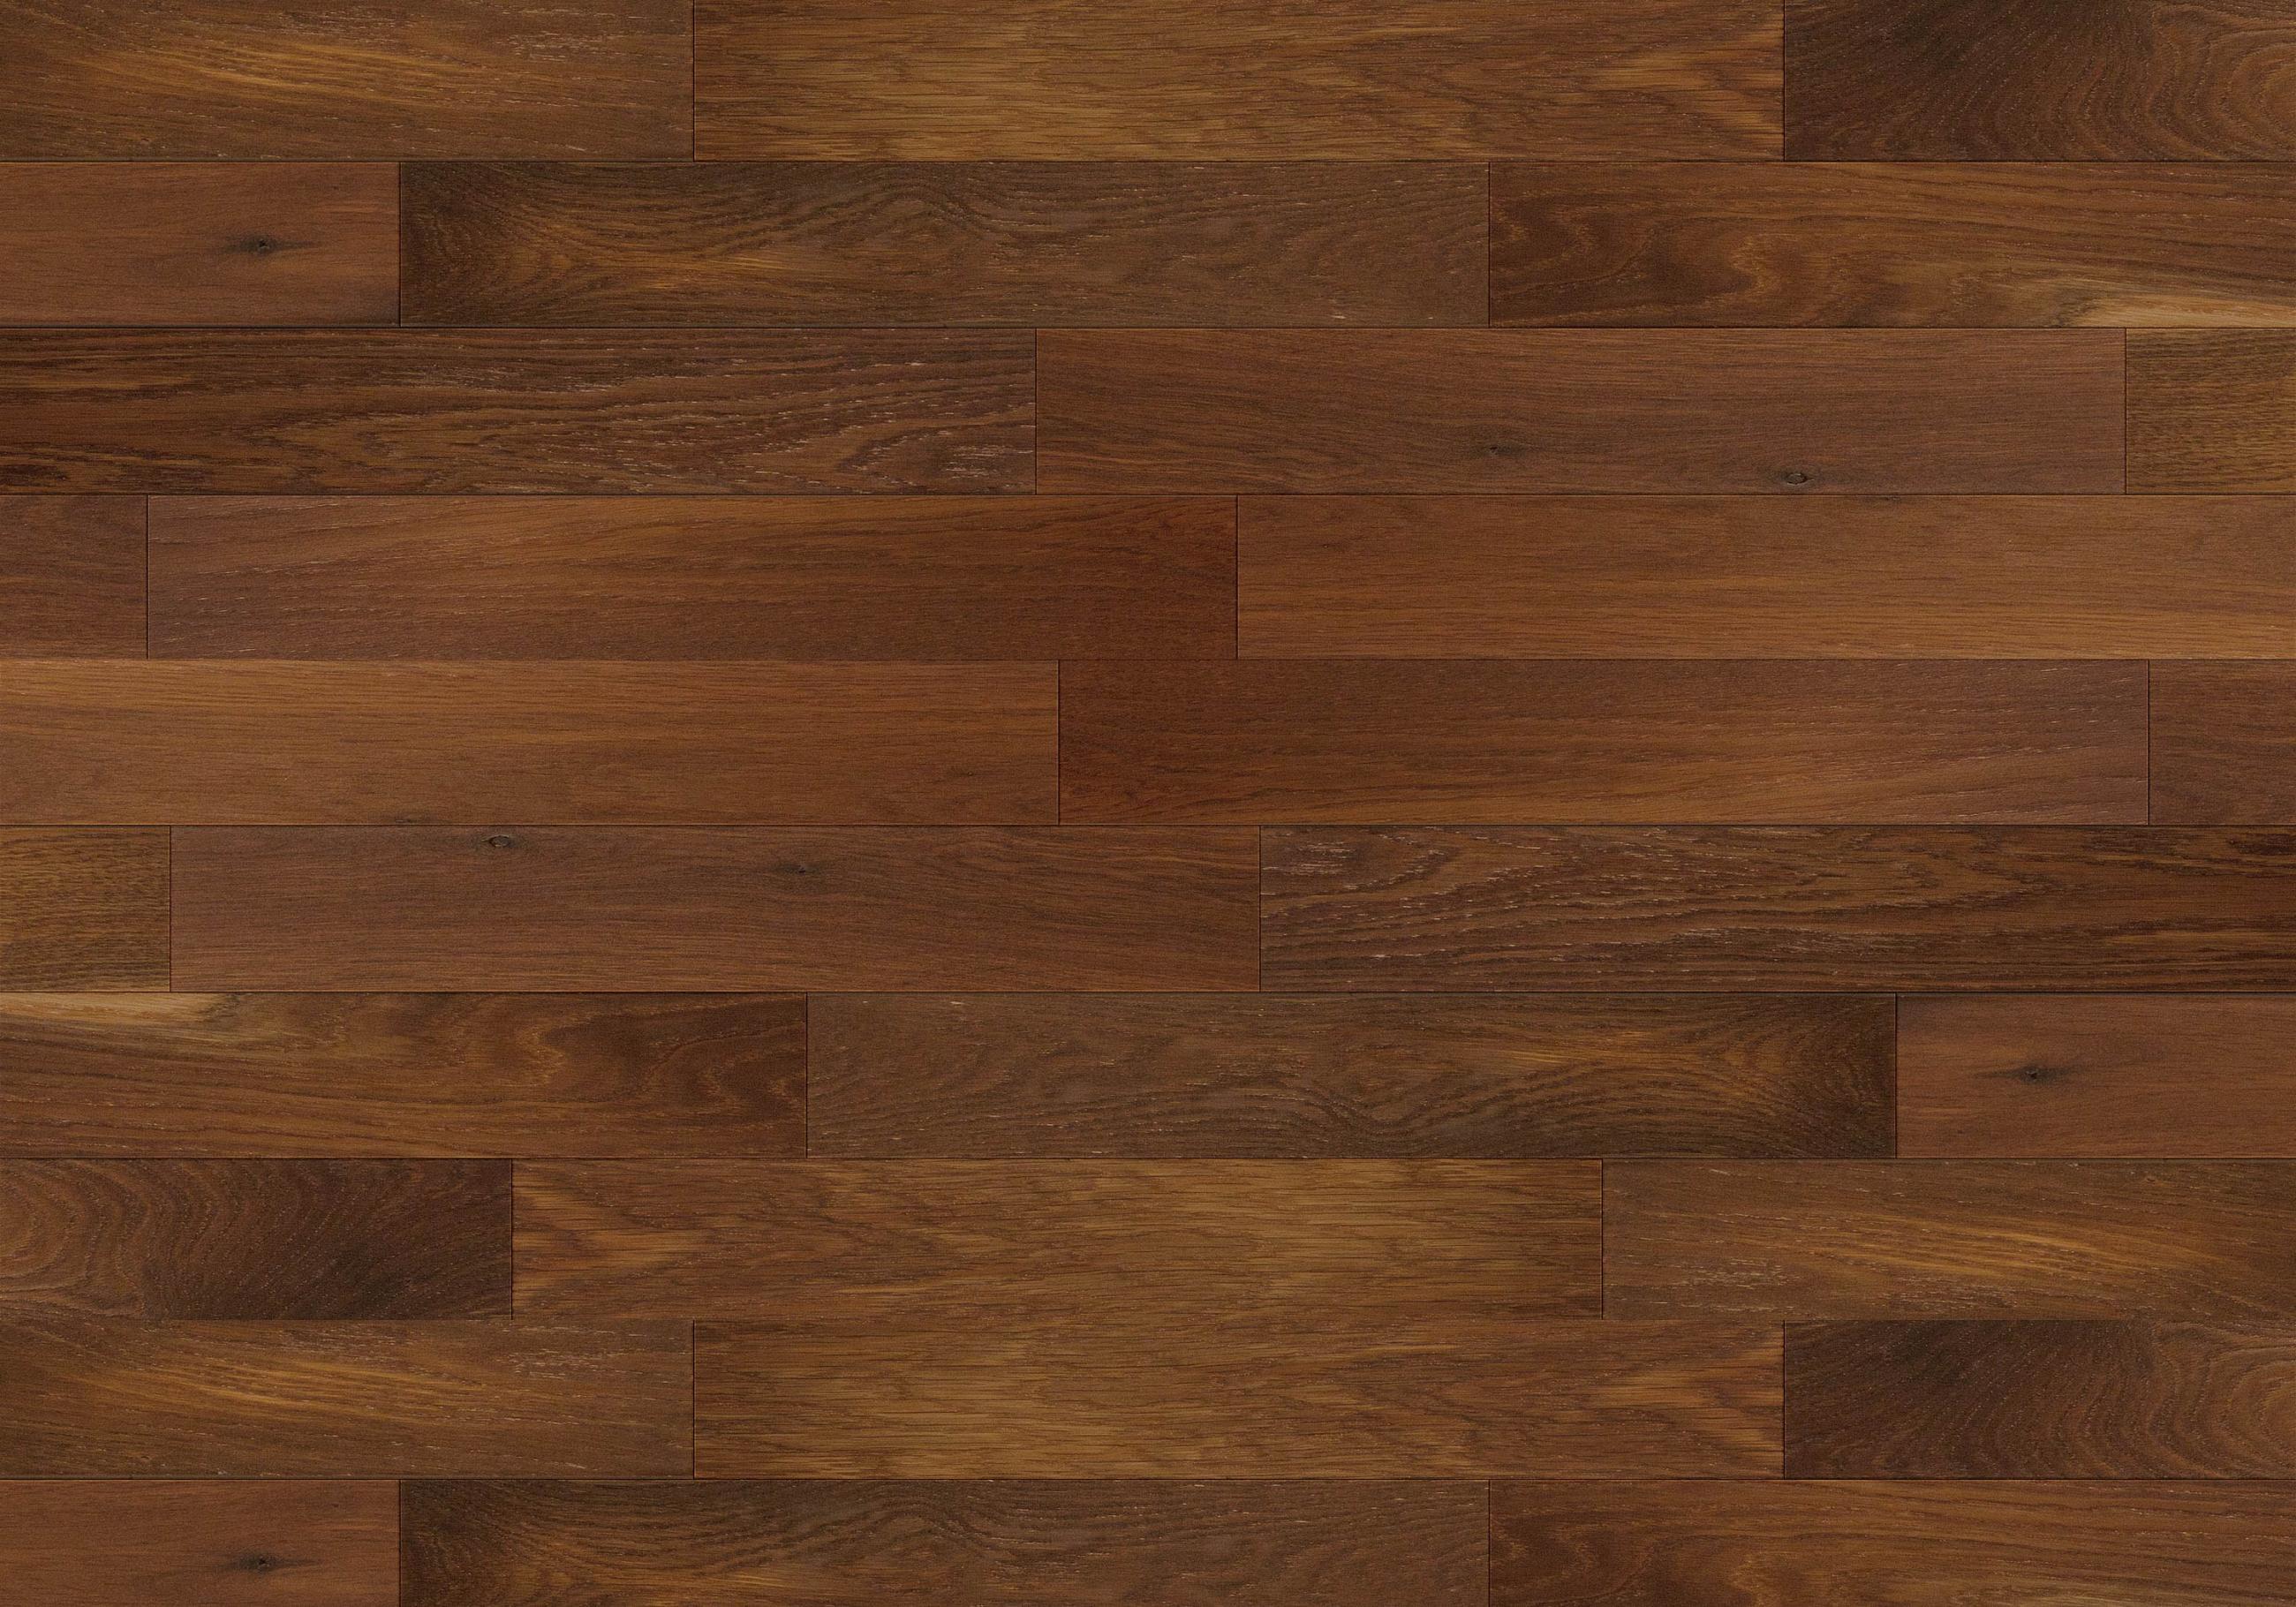 Lauzon Designer Collection Reserva Series Cerralvo Aa Floors Amp More Ltd